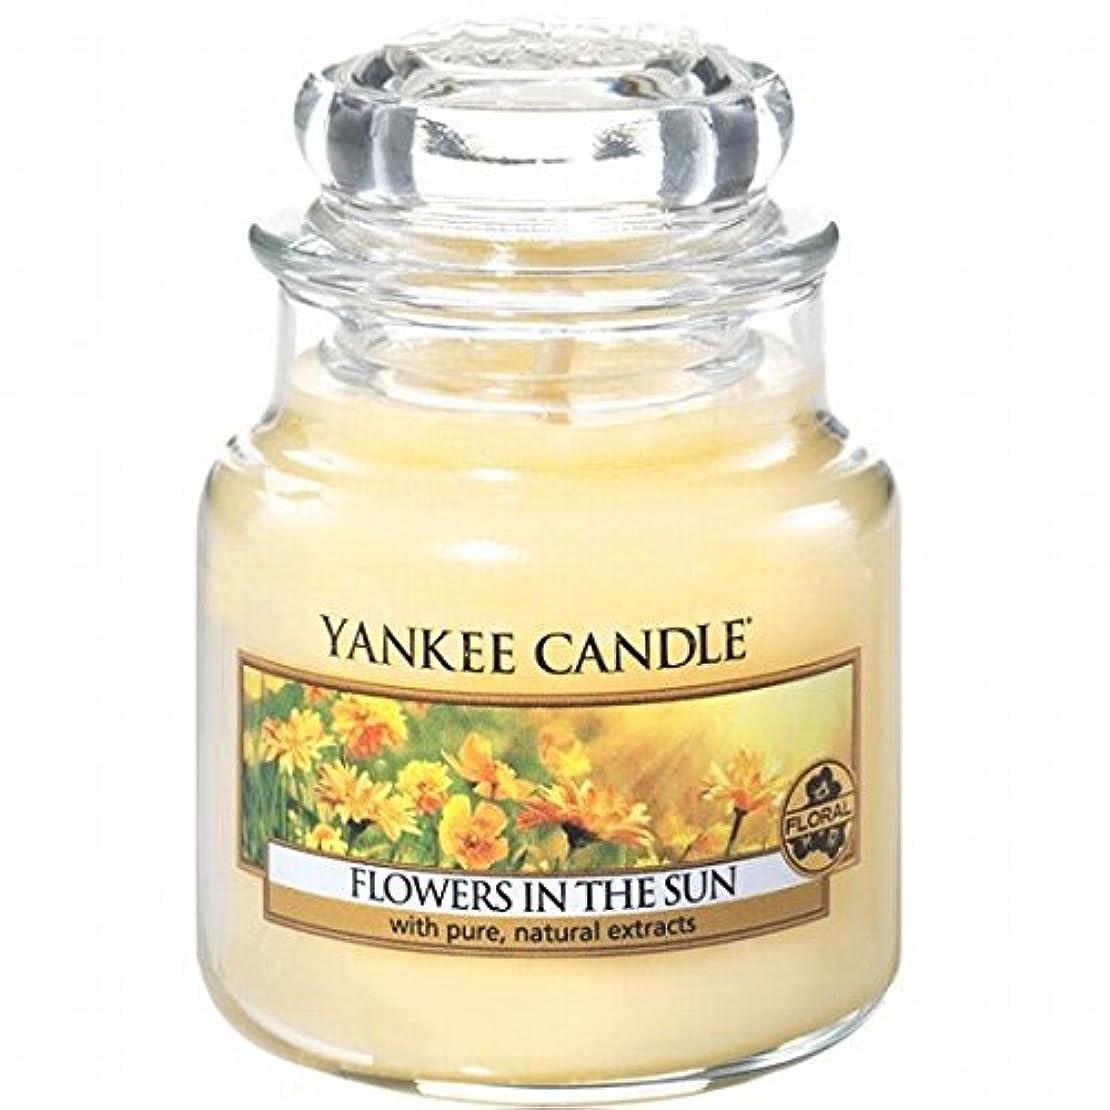 費用原点かけがえのないYANKEE CANDLE(ヤンキーキャンドル) YANKEE CANDLE ジャーS 「フラワーインザサン」(K00305274)